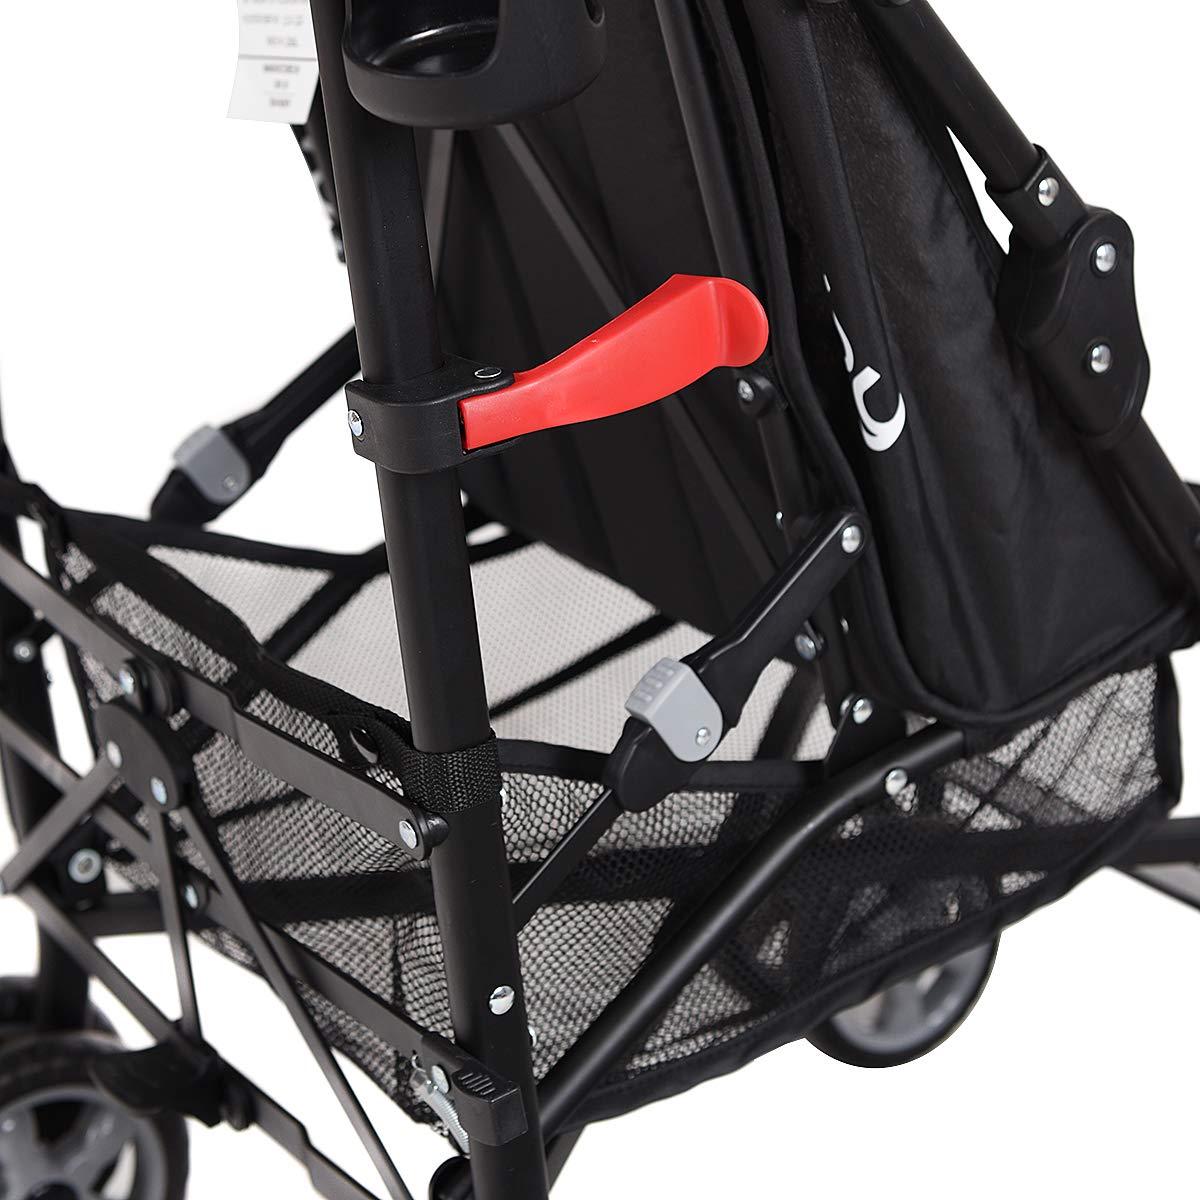 INFANS Lightweight Baby Umbrella Stroller, Foldable Infant Travel Stroller with 4 Position Recline, Adjustable Backrest, Cup Holder, Storage Basket, UV Protection Canopy, Carry Belt (Orange) by INFANS (Image #8)